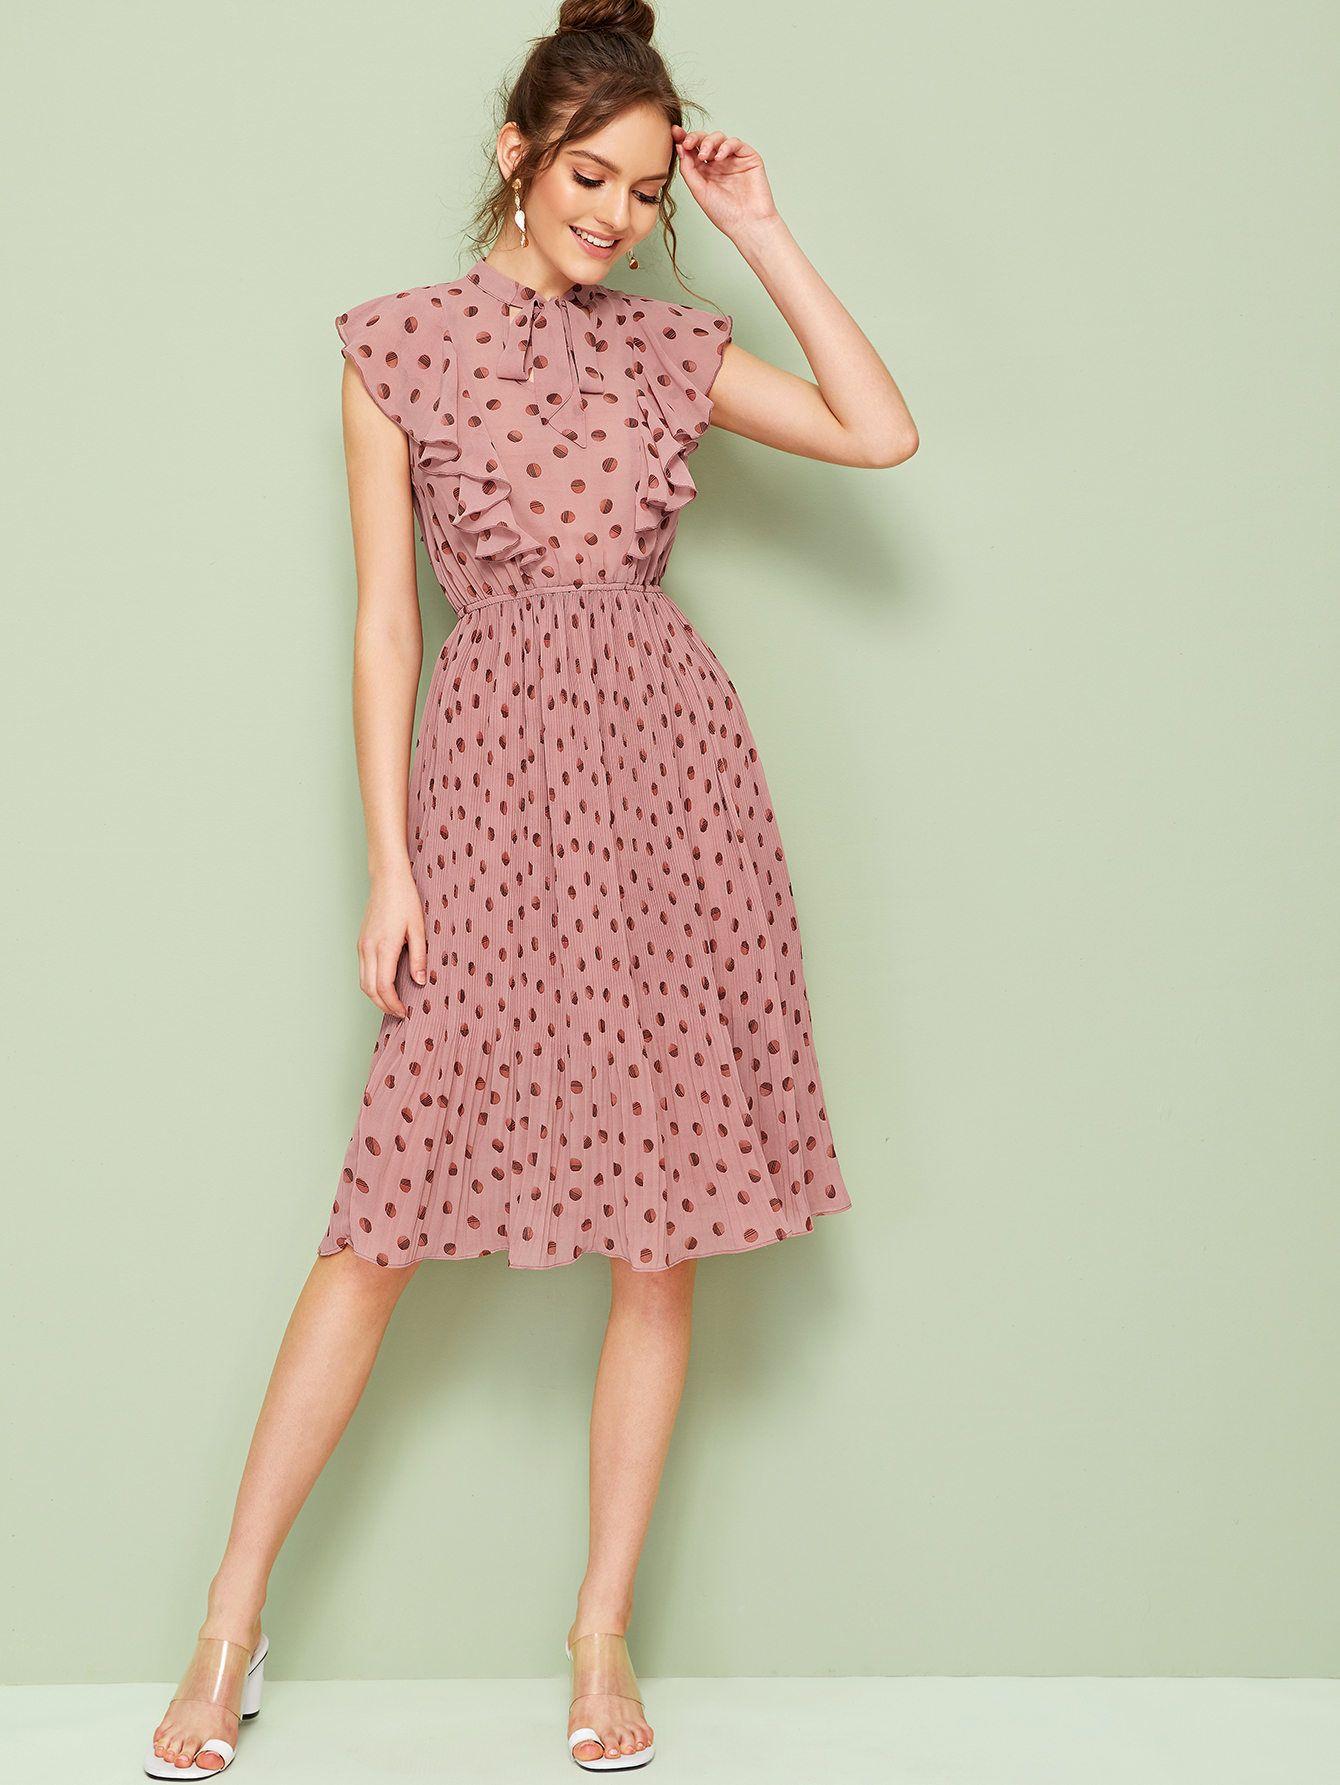 Kleid mit Halsband, Raffung und Plissee  aktuelle Trends, günstig